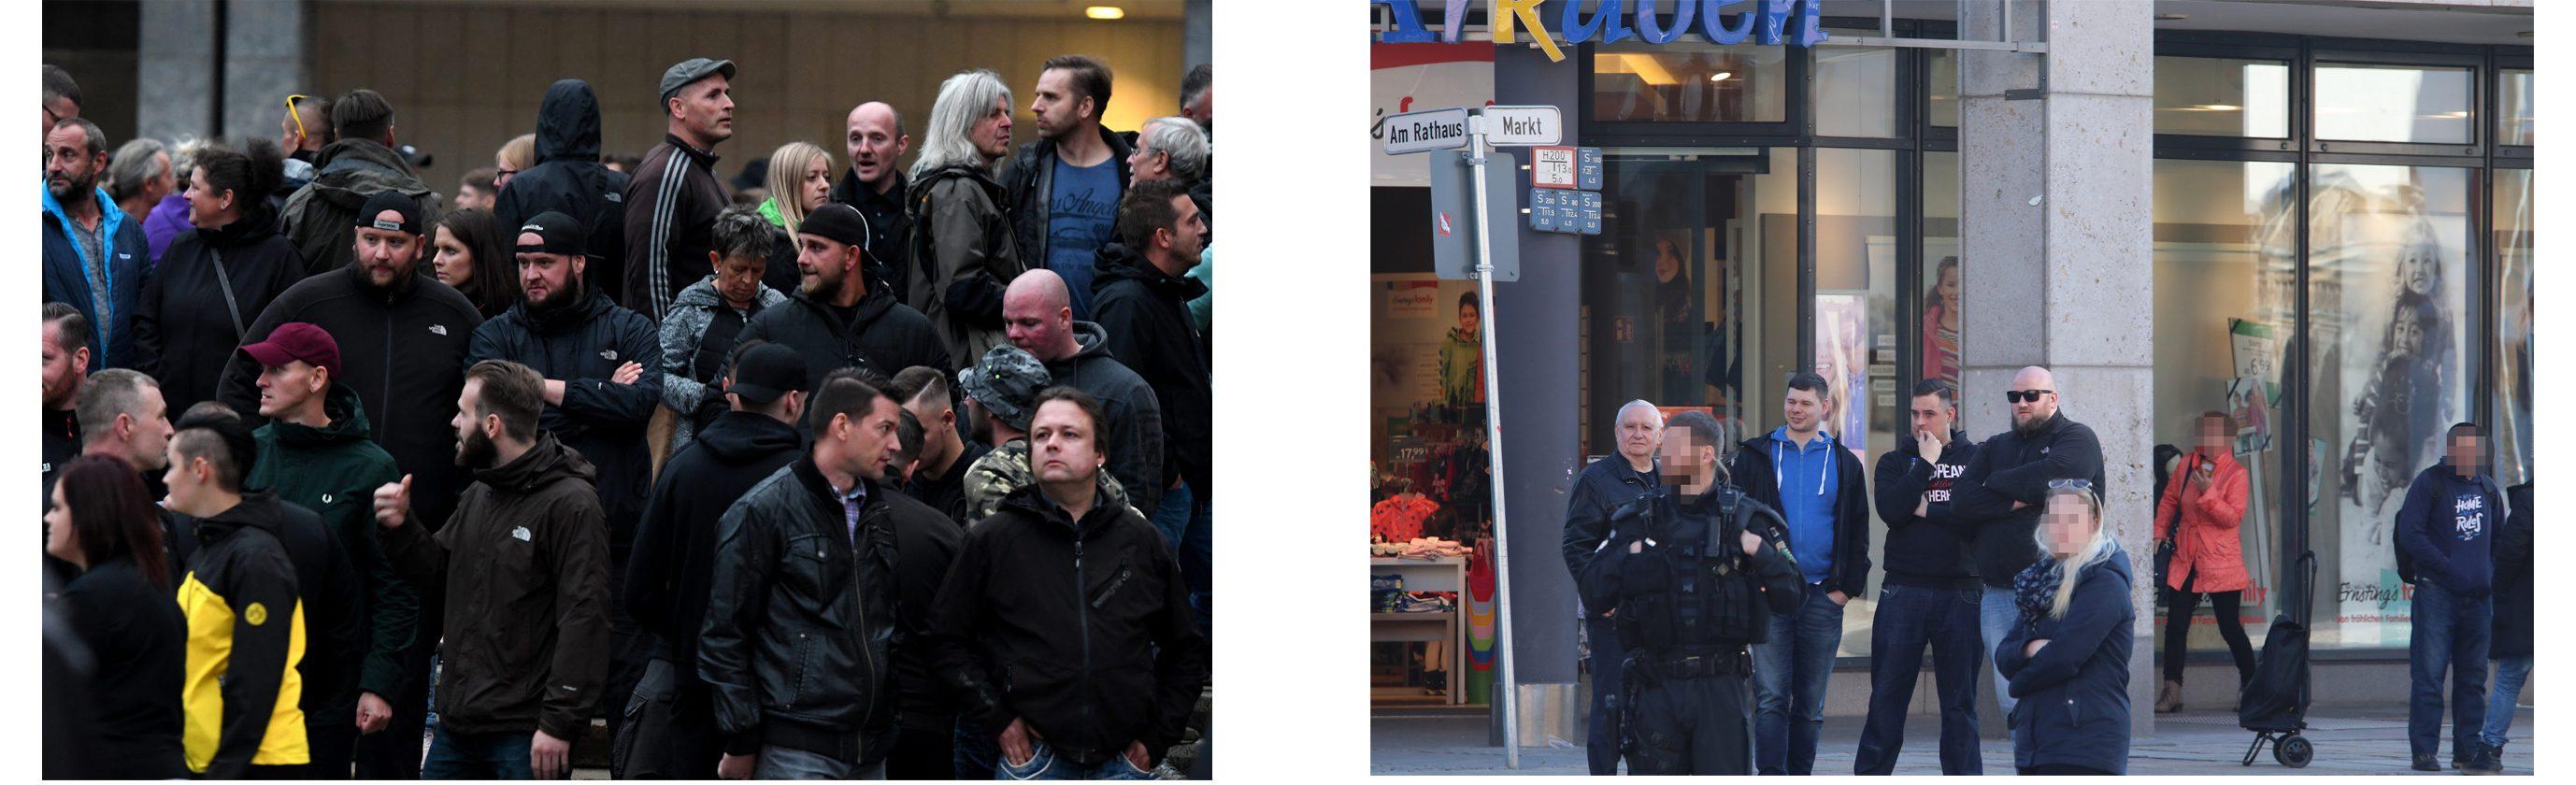 links: Stephan Heinl am 01.09.2018 in Chemnitz (Quelle: Recherche Nord), rechts: Stephan Heinl mit Sonnenbrille am 18.02.2018 in Chemnitz (Quelle: Tim Mönch)